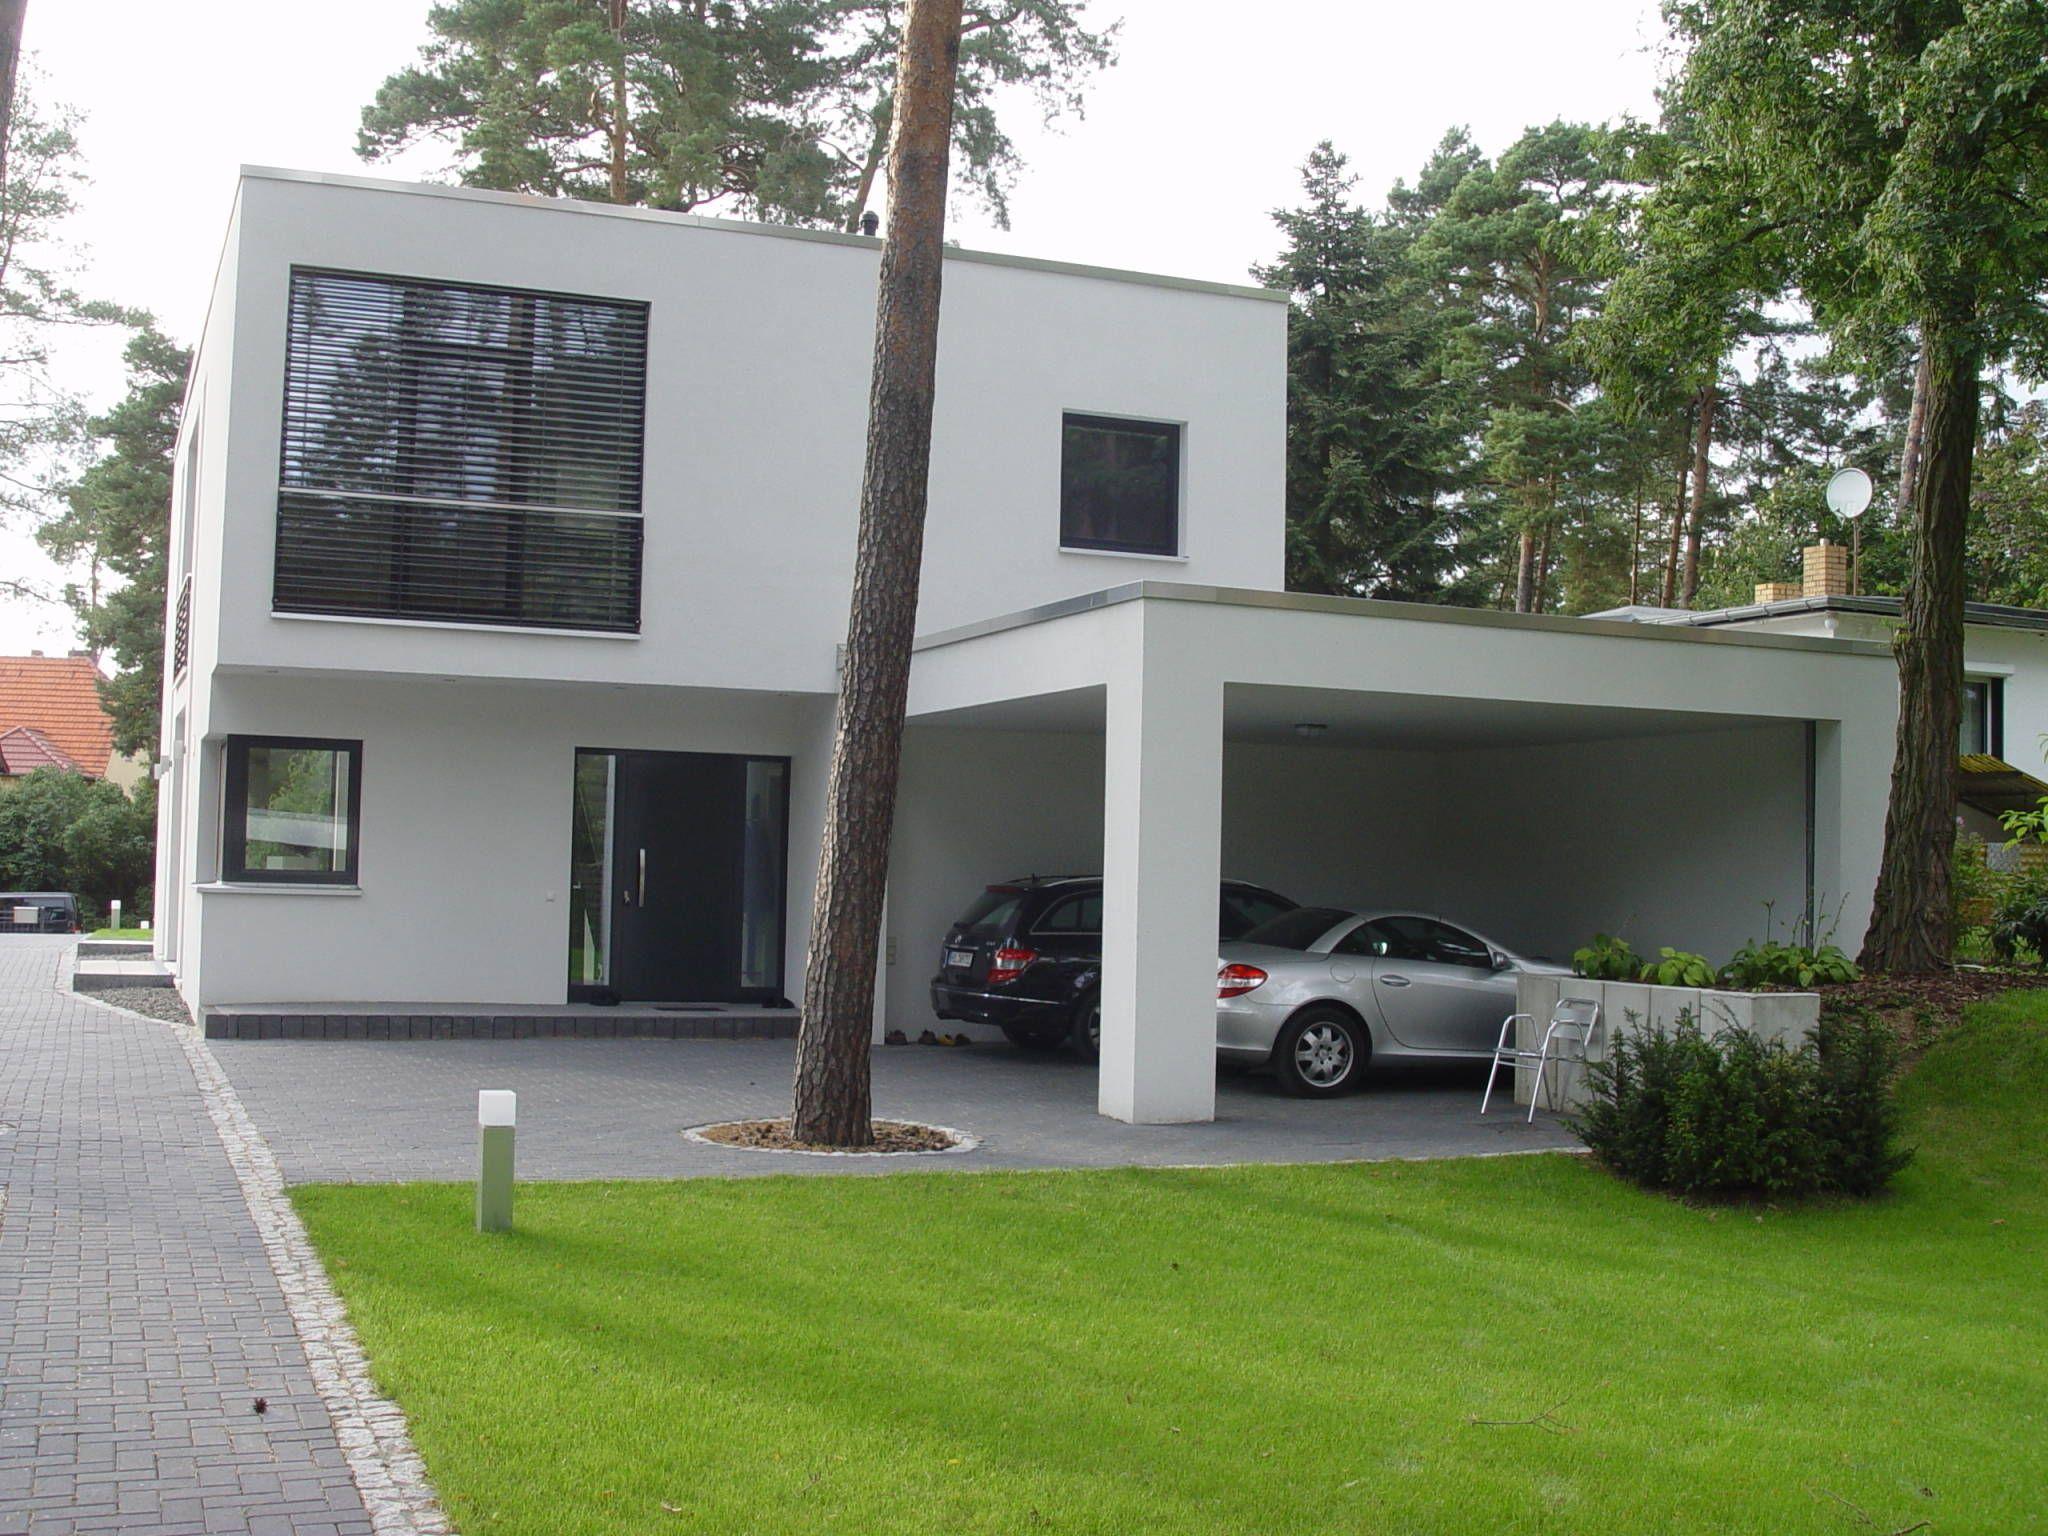 r ckansicht und carport moderne h user von einfahrt pinterest haus einfamilienhaus und. Black Bedroom Furniture Sets. Home Design Ideas